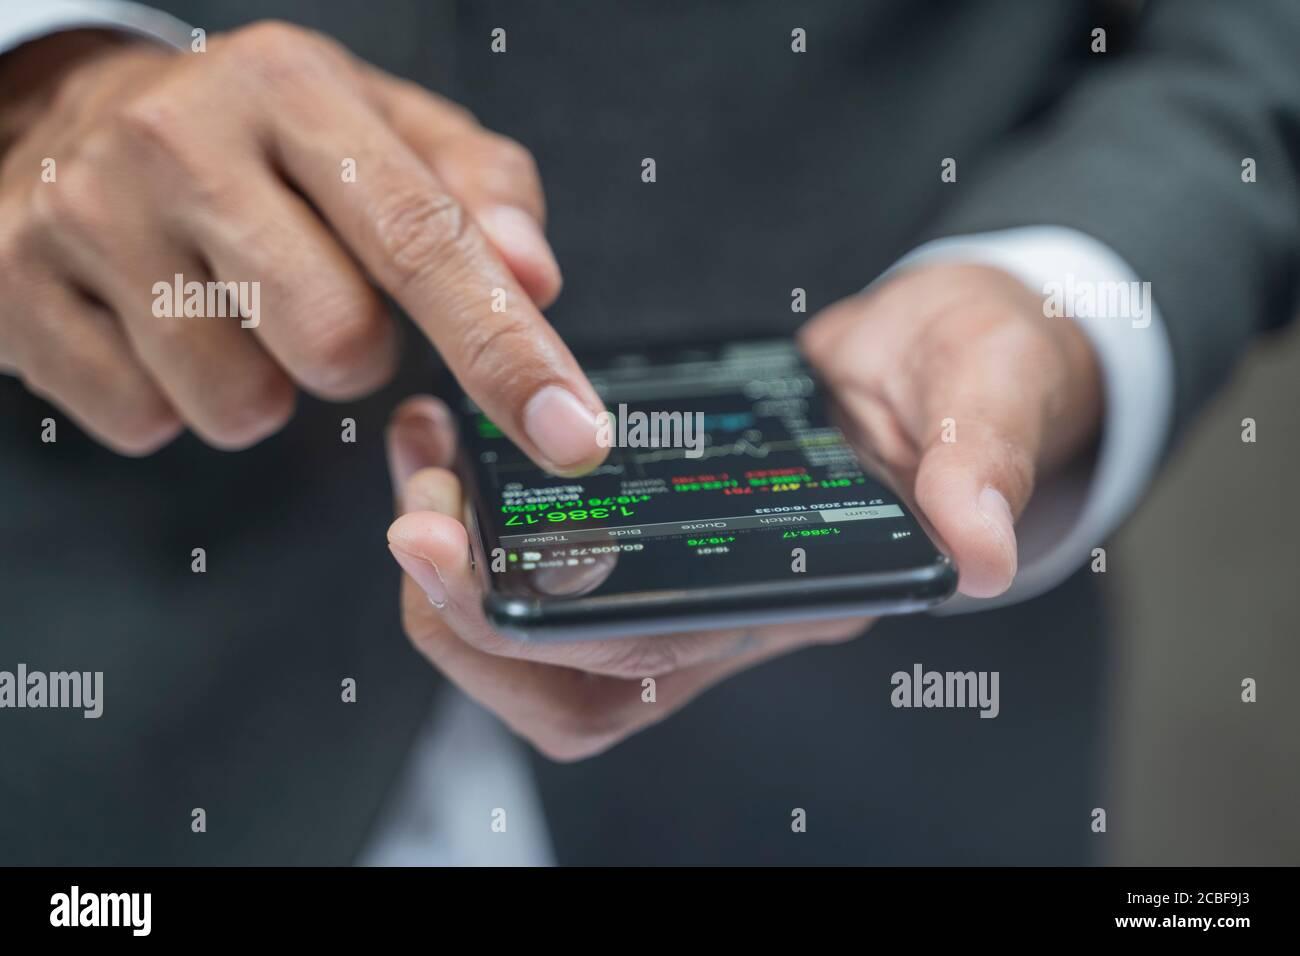 Primer plano de las manos humanas que comprueban las cartas de acciones financieras en. Foto de stock